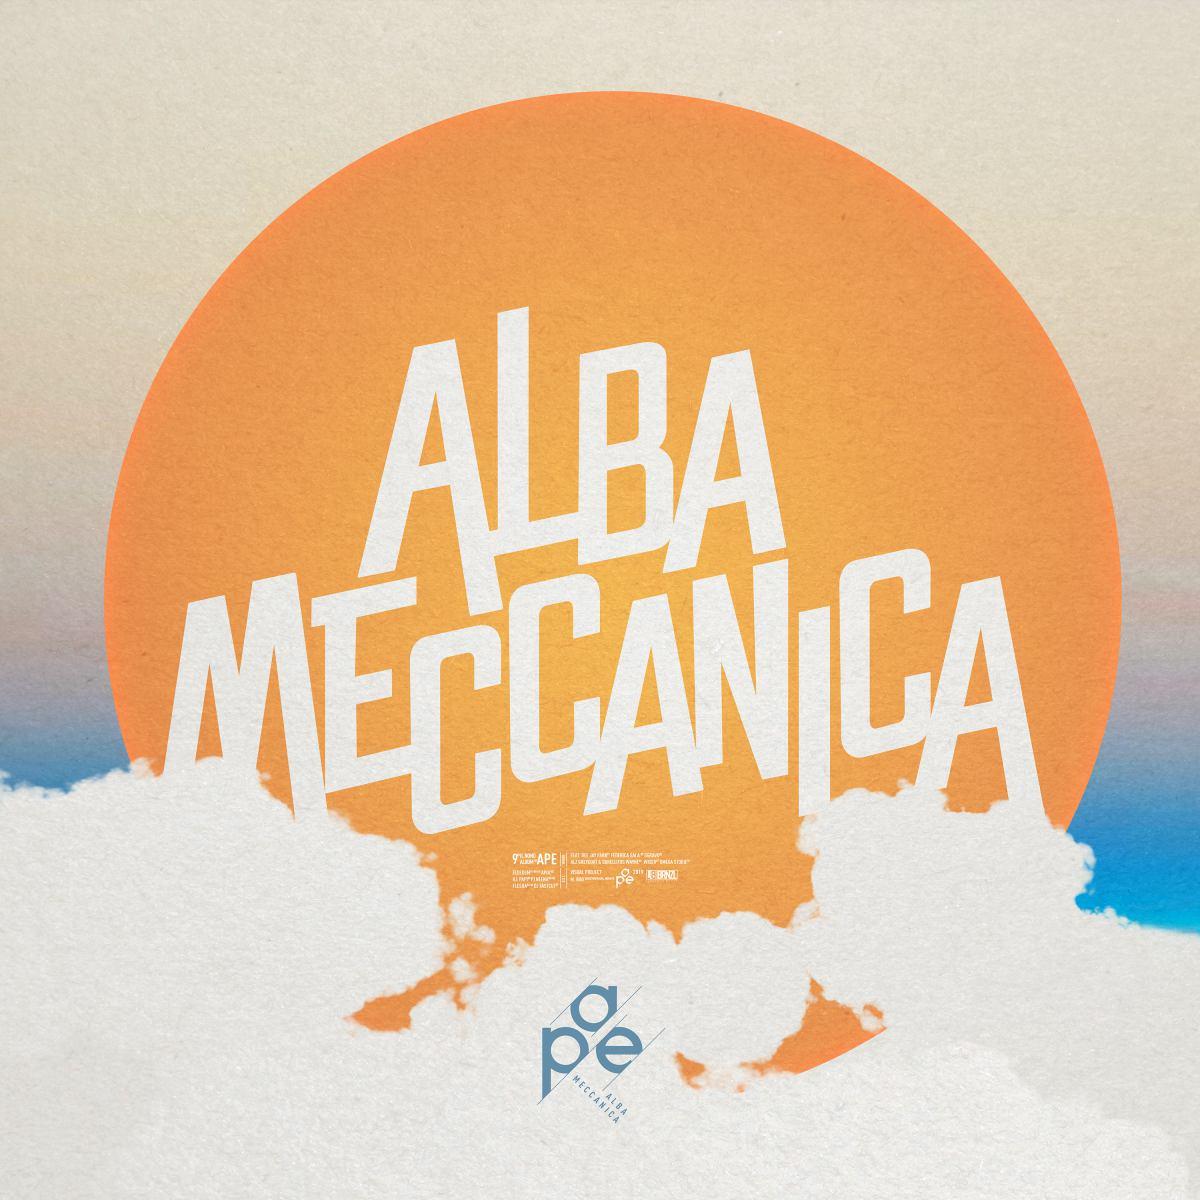 Alba meccanica è il titolo del nono album di Ape